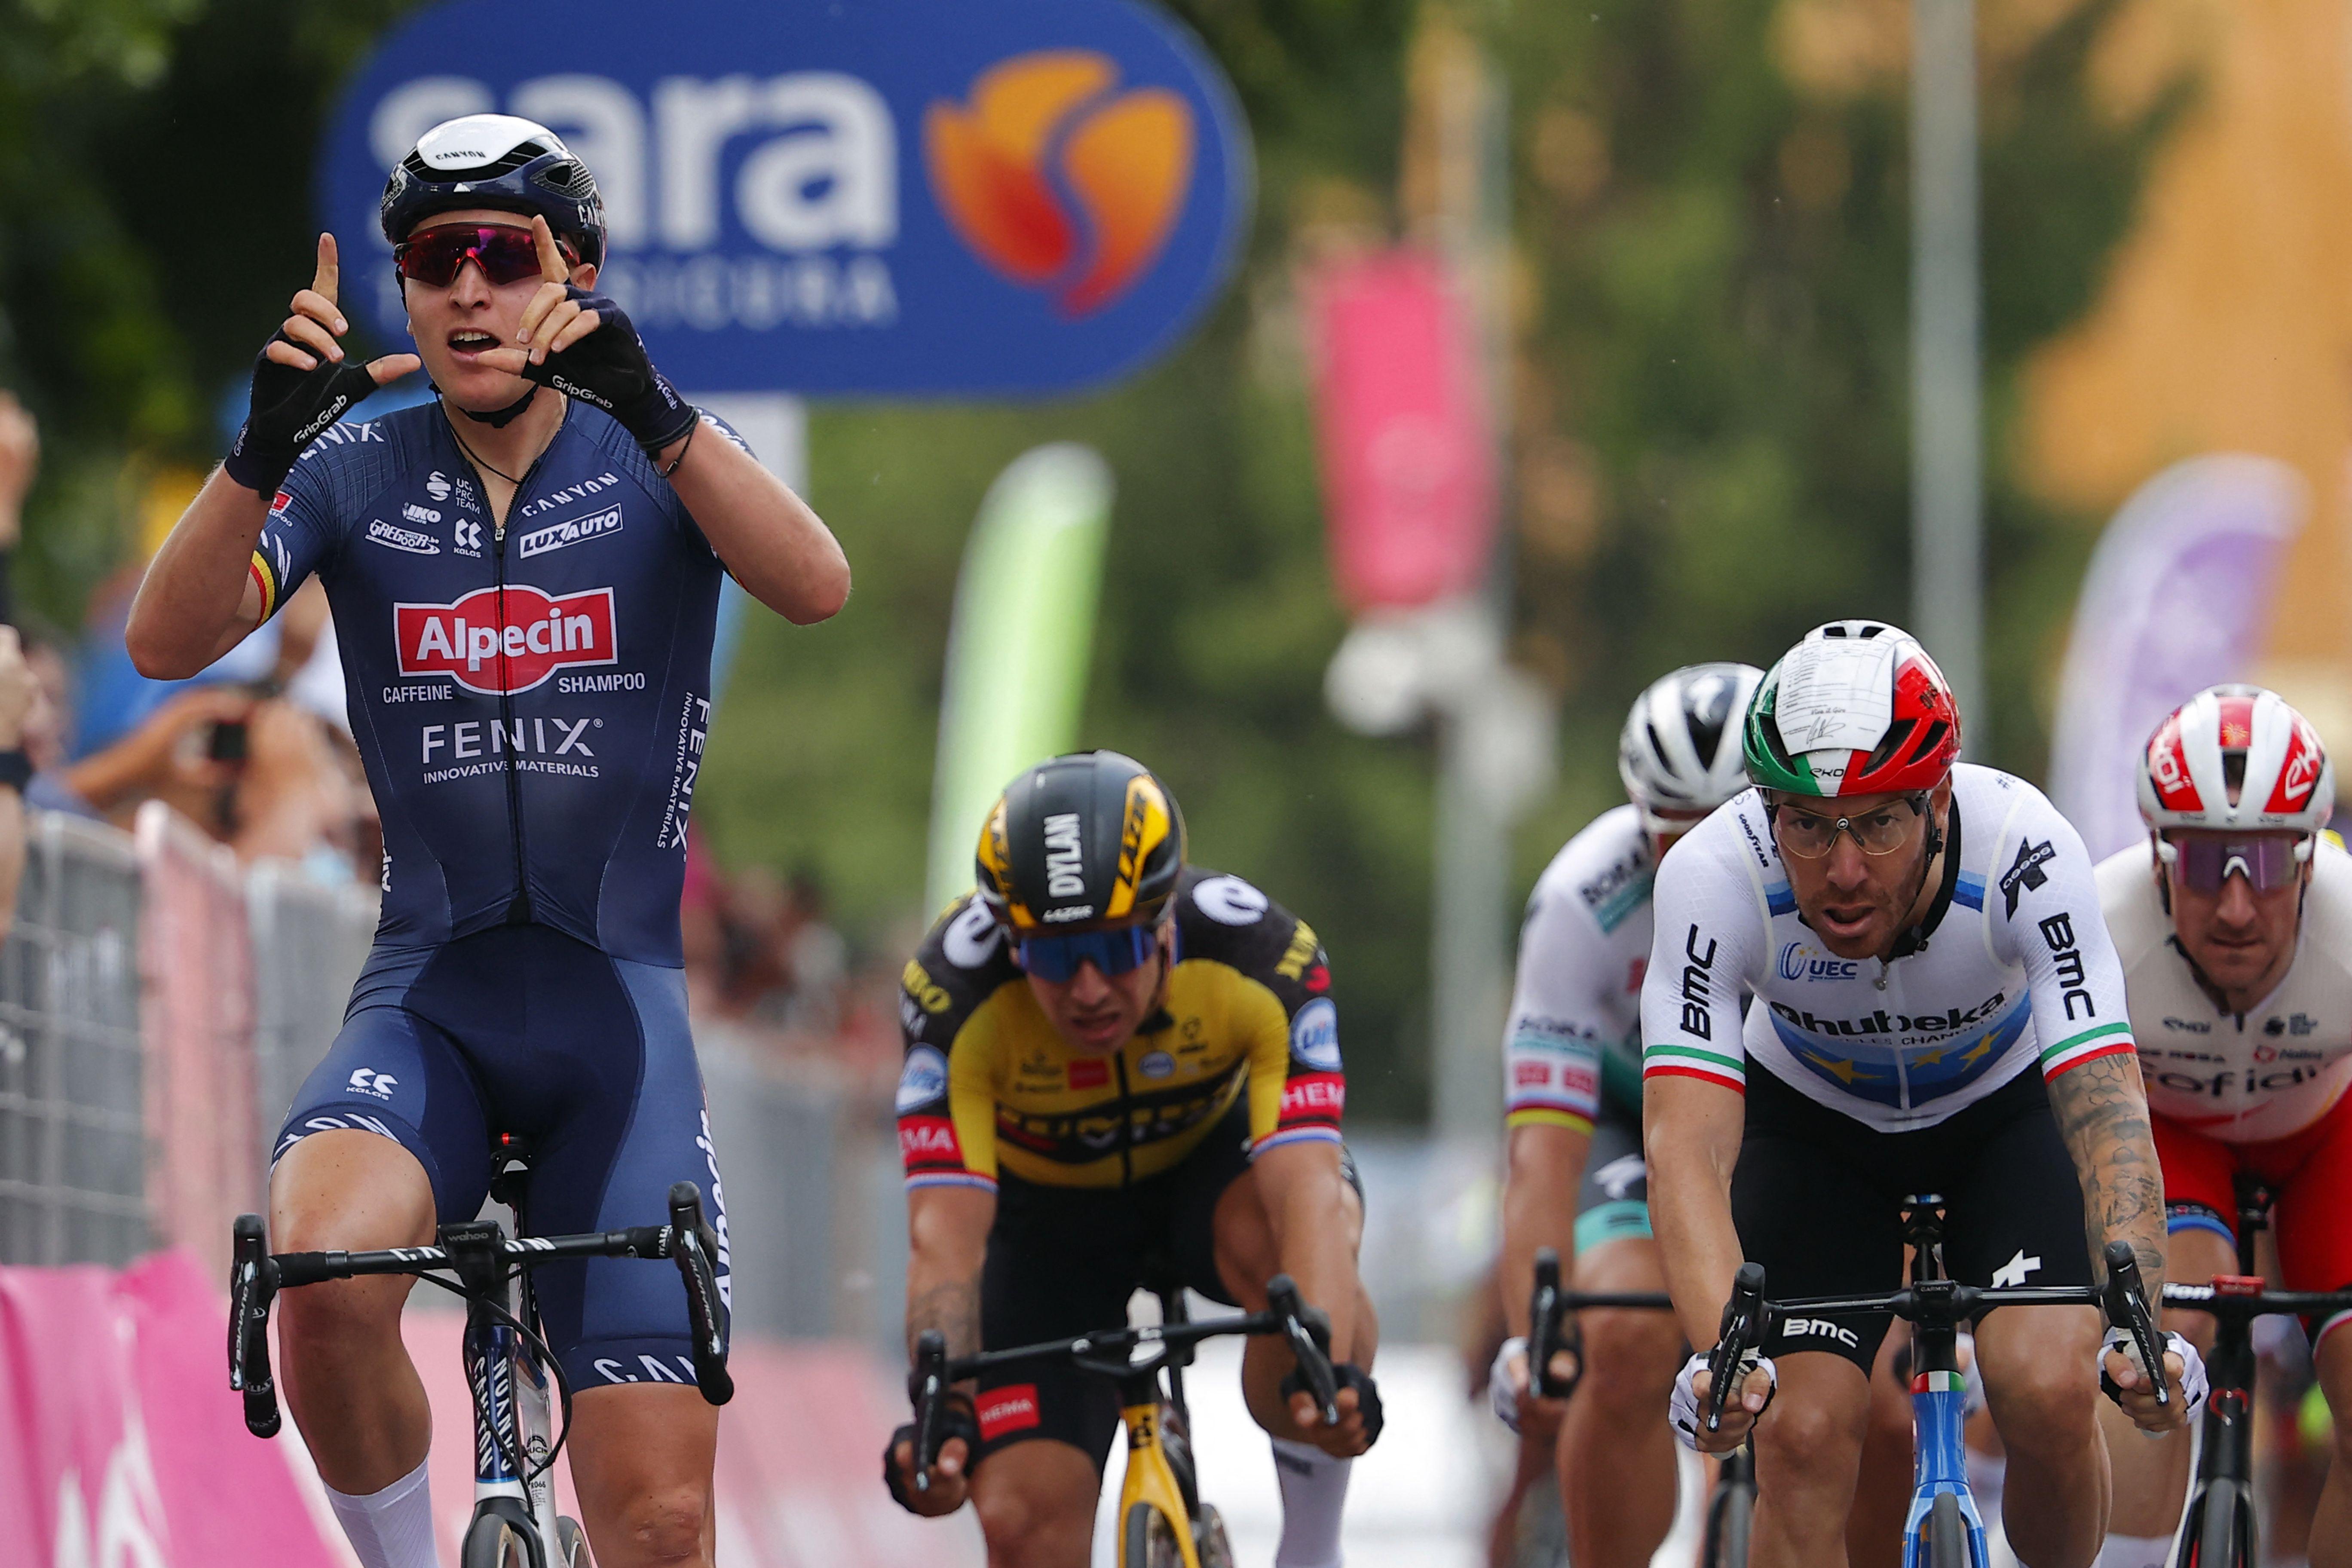 Merlier celebra su triunfo tras cruzar la meta